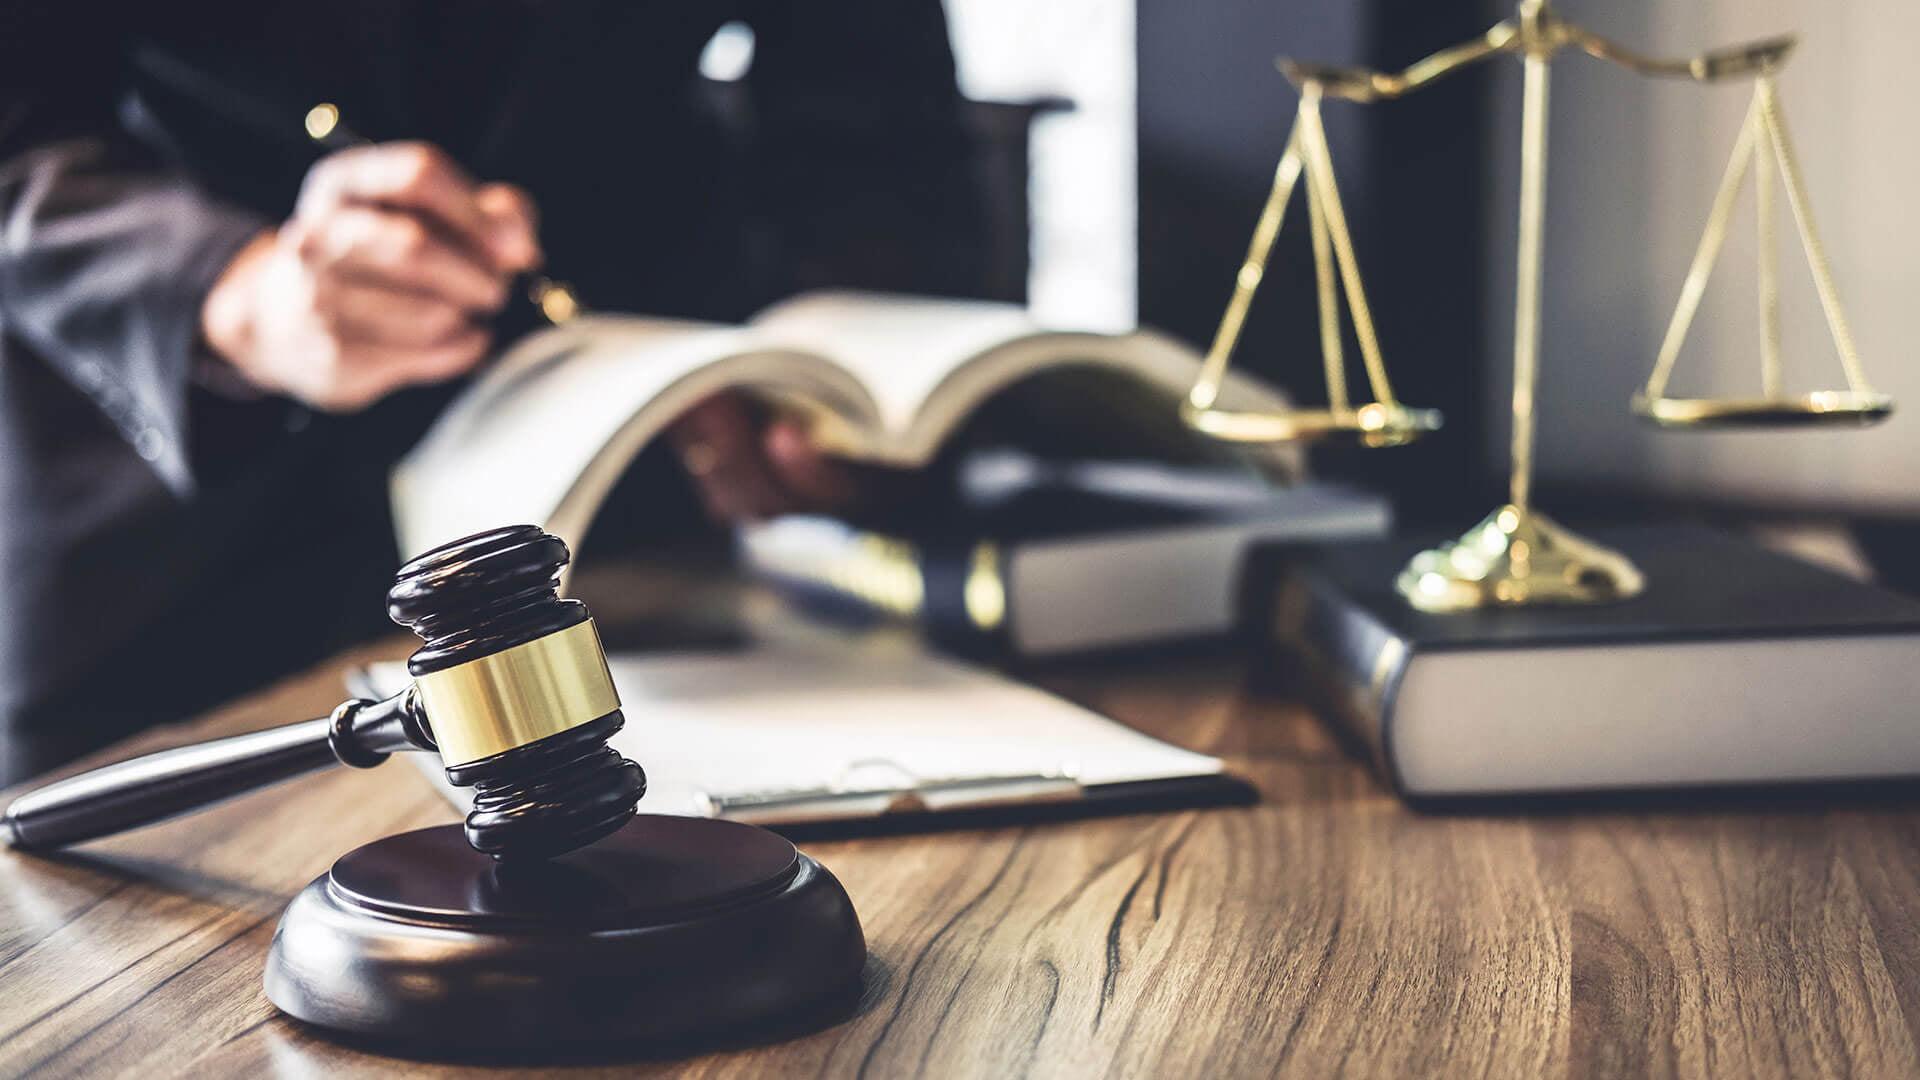 Șapte avocați ai Baroului Hunedoara s-au alăturat proiectului DAS Deva. Asistență juridică gratuită pentru persoanele vulnerabile